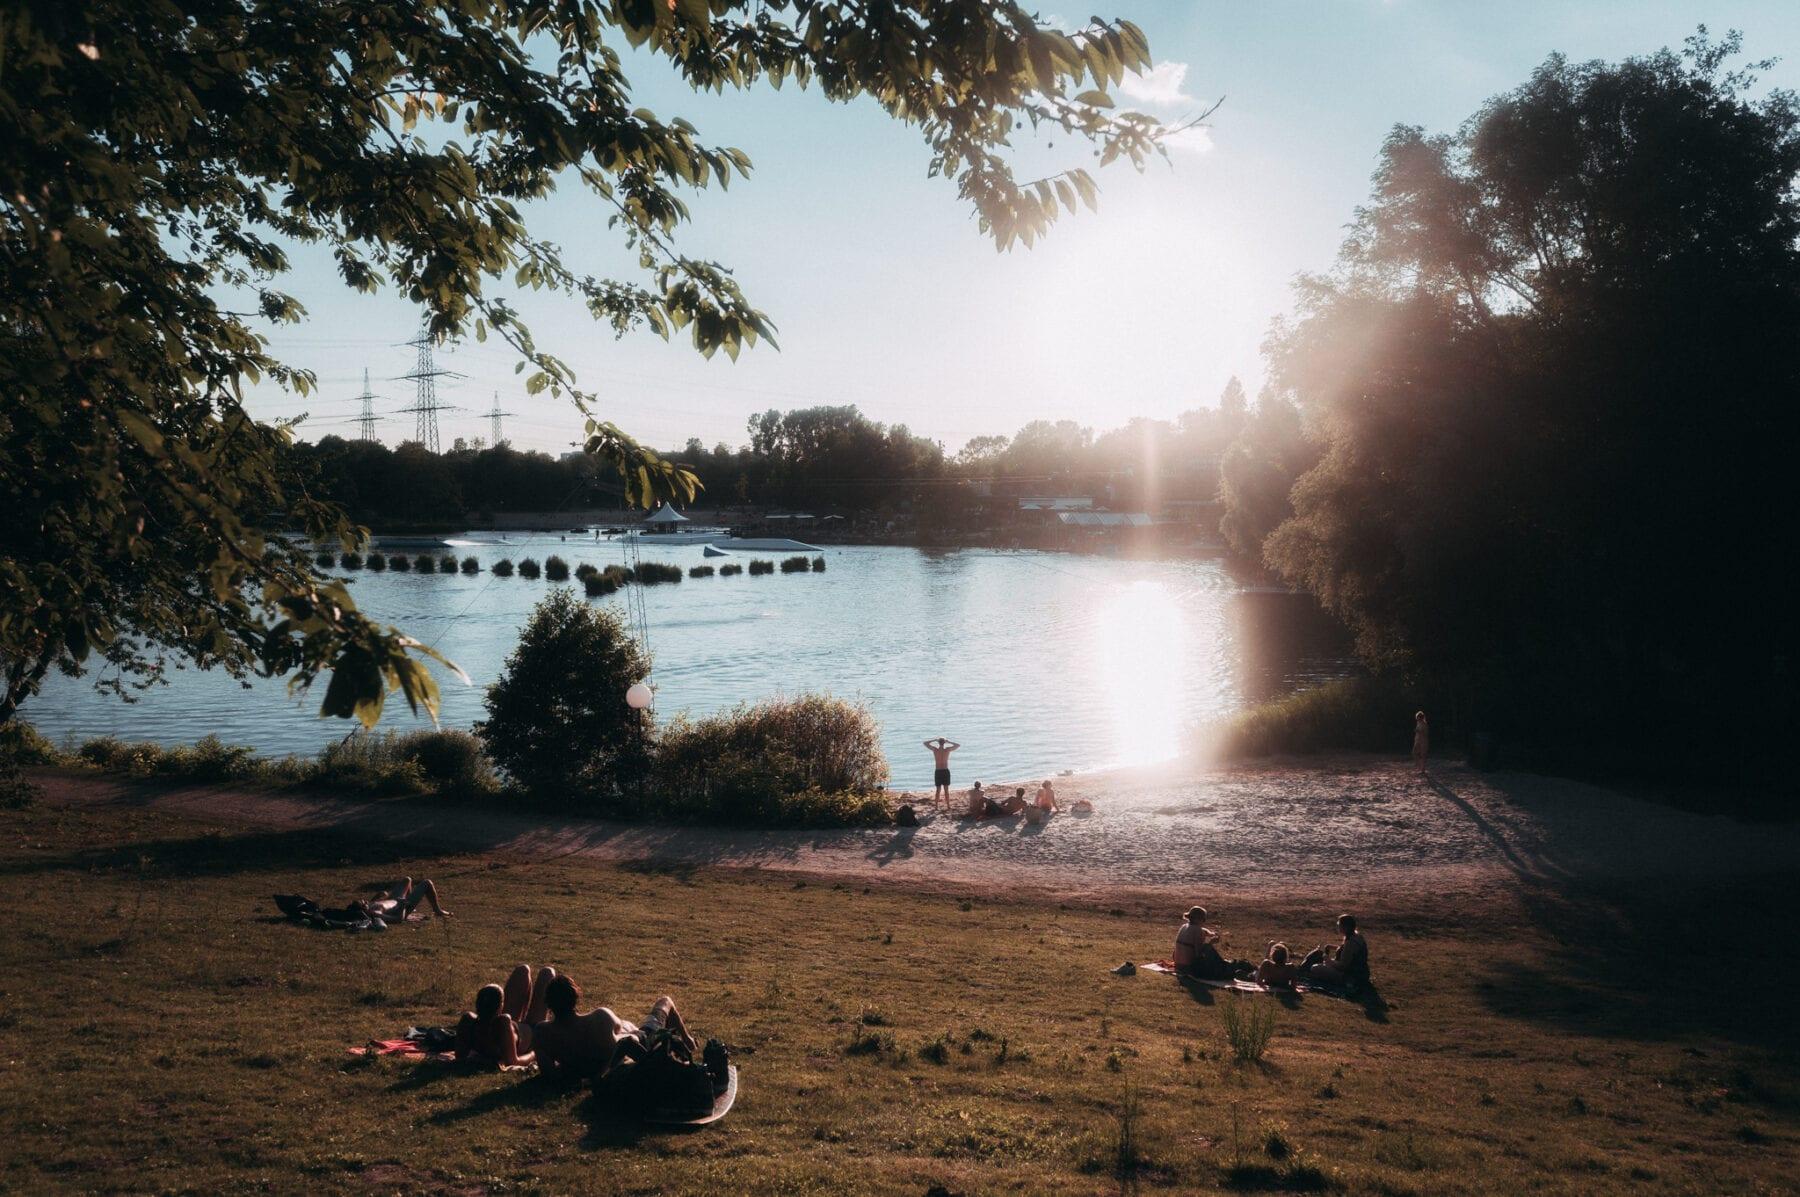 Nordrhein Westfalen watersport